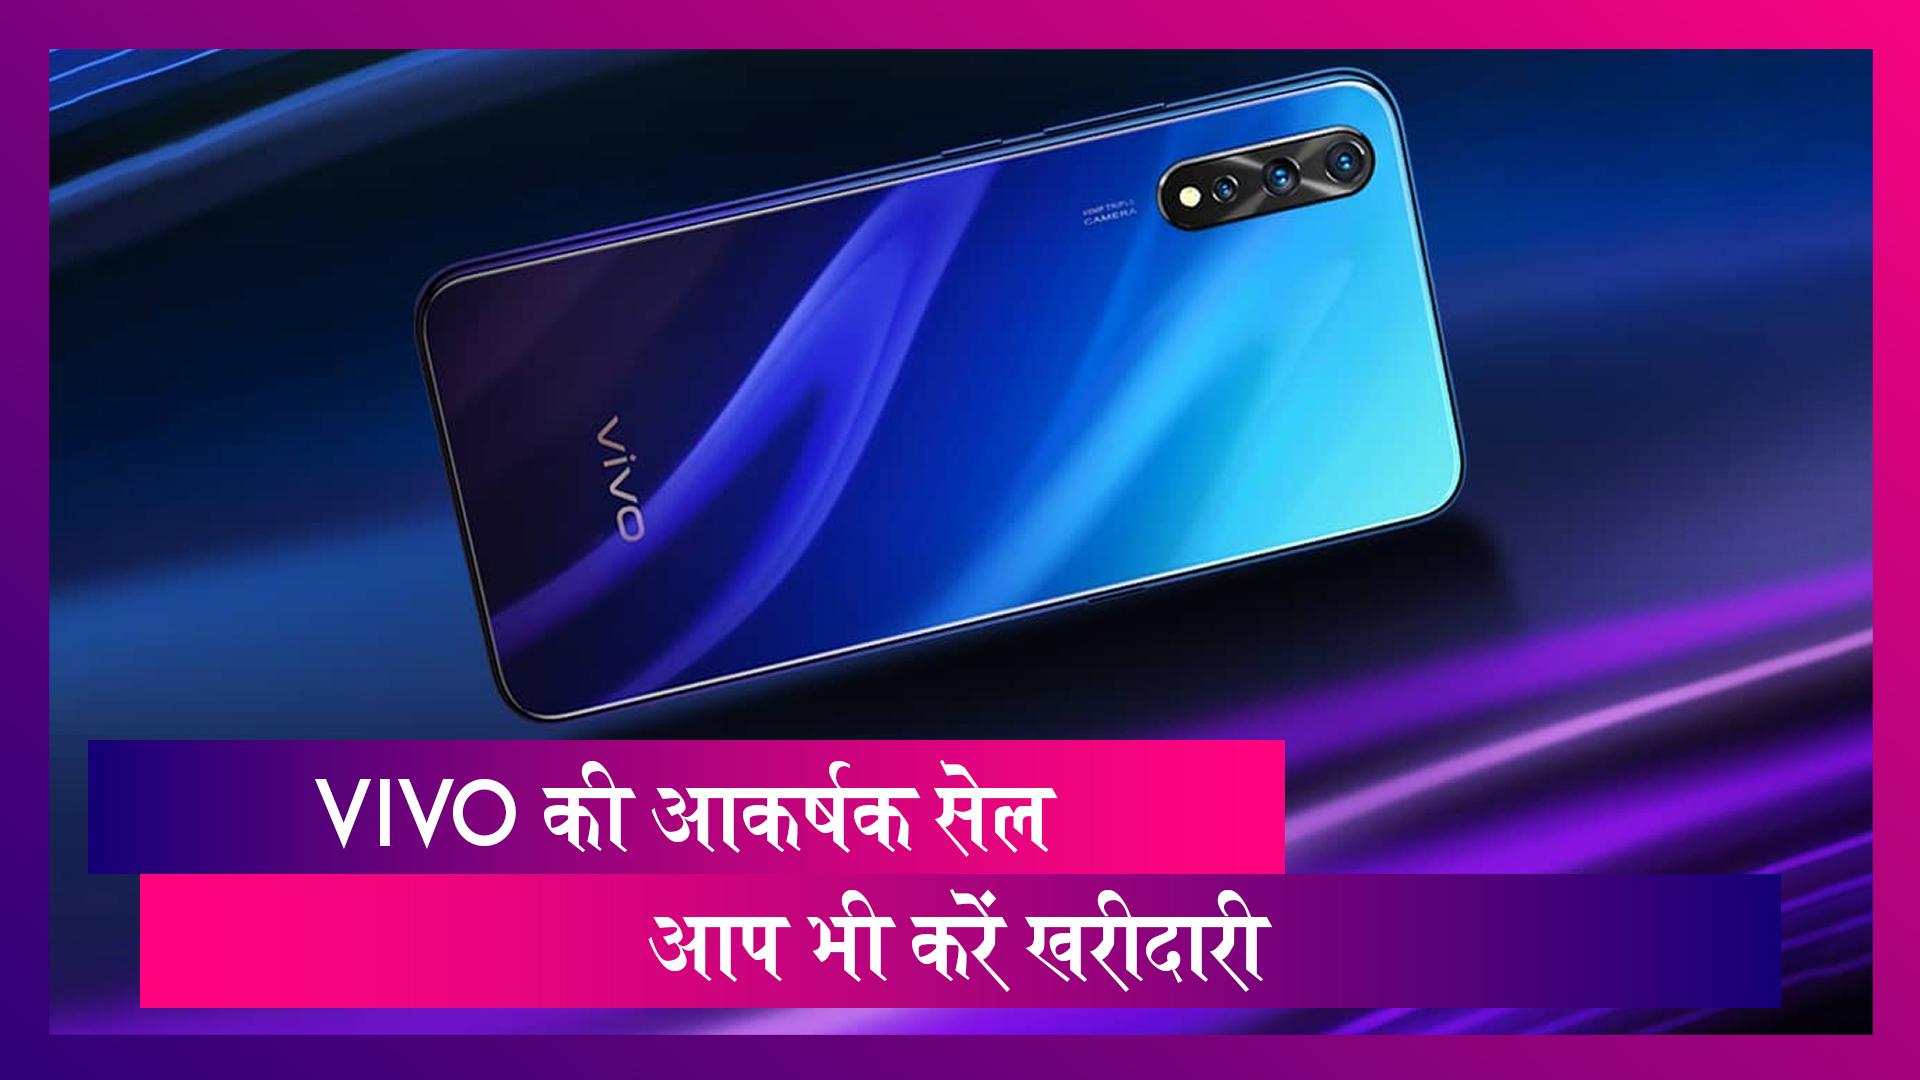 Vivo Sale: Vivo के भारत में 5 साल पूरे, ग्राहकों के लिए सेल में लुभावने ऑफर्स और सेल की भरमार